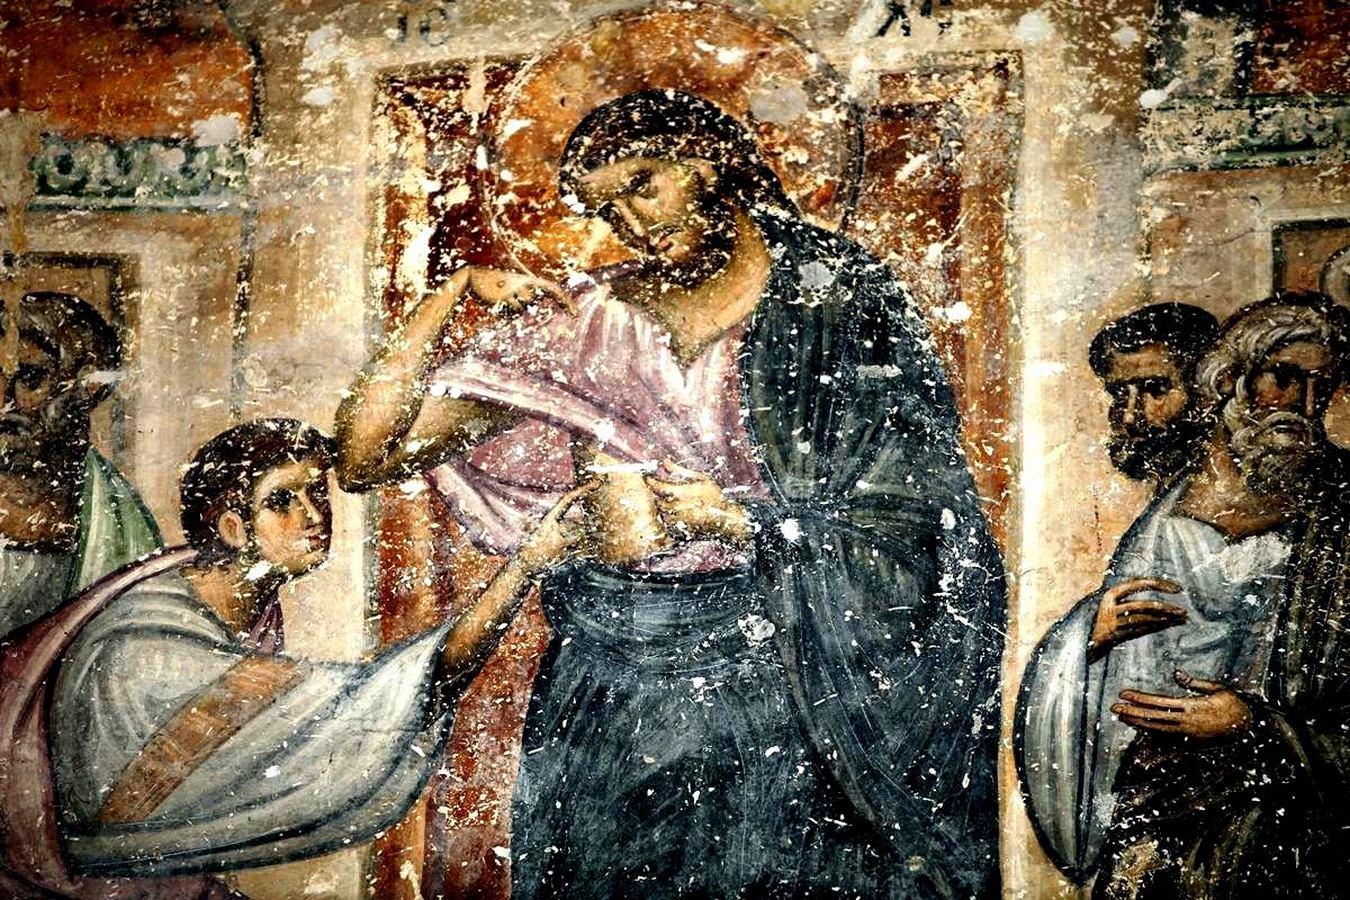 Уверение Апостола Фомы. Фреска церкви Святой Троицы в монастыре Сопочаны, Сербия. 1265 год.